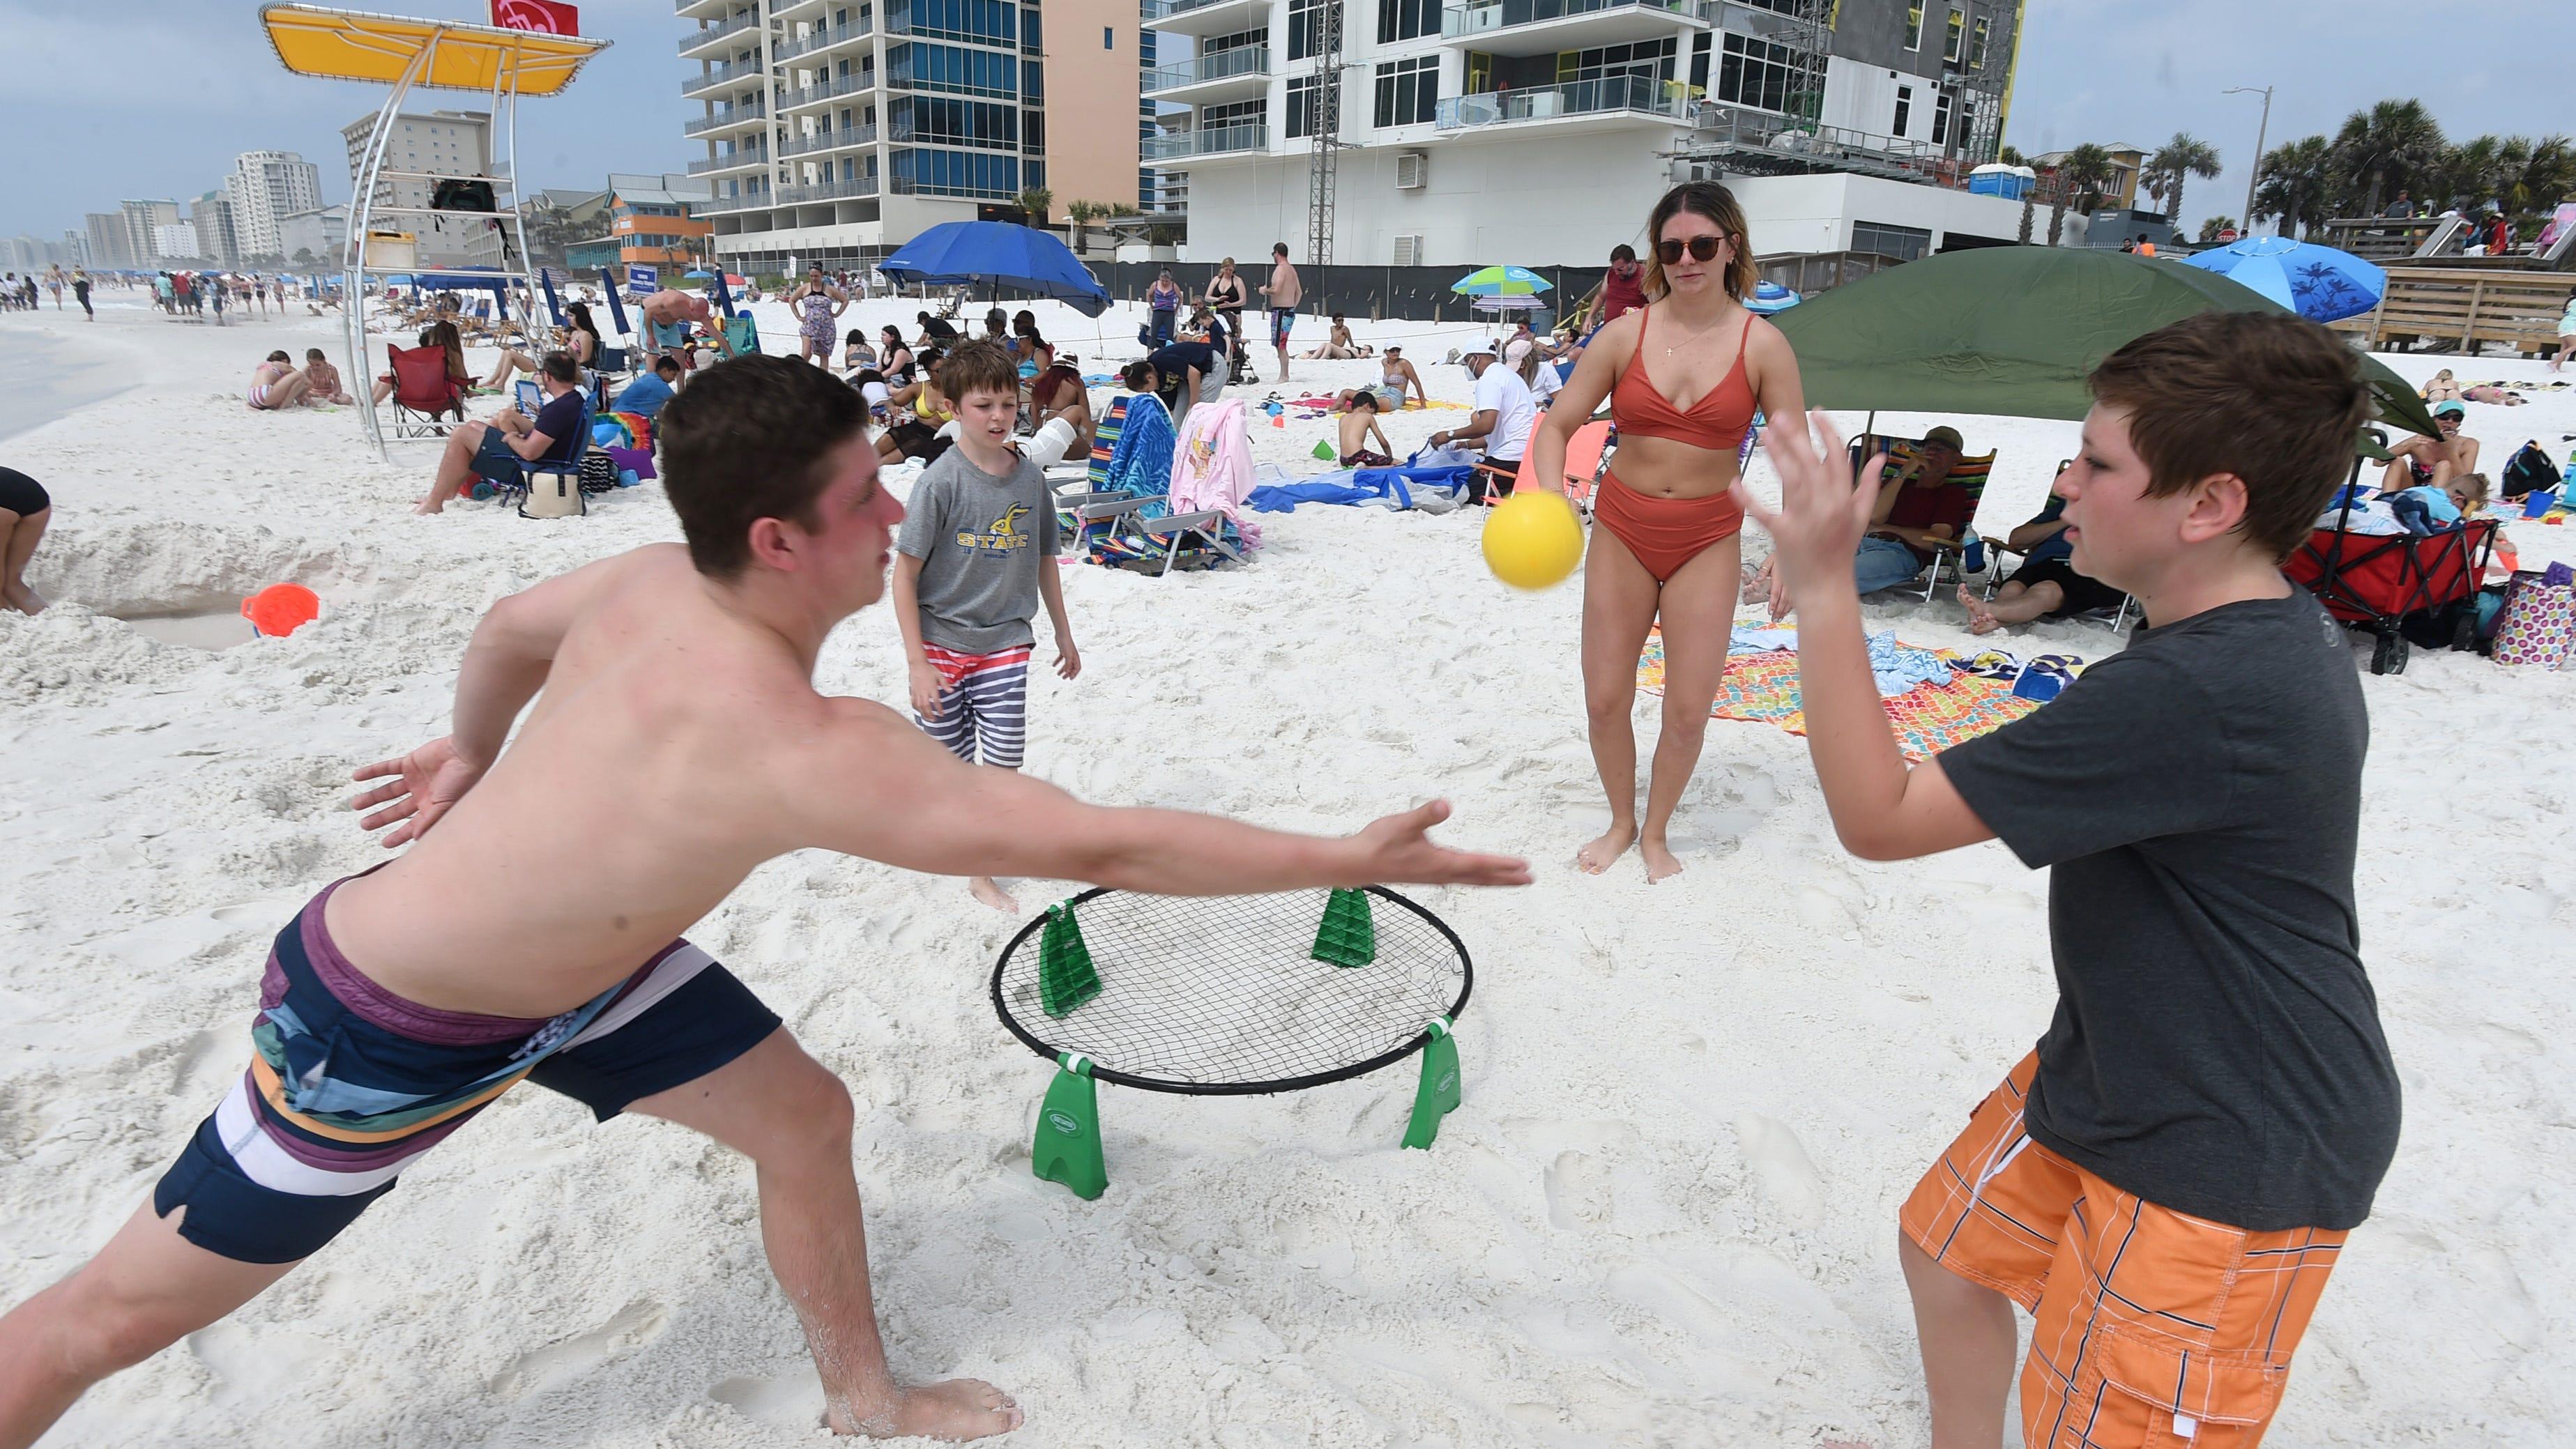 El martes por la tarde, Kale Stevenson, a la izquierda, se lanza para un tiro mientras juega con los hermanos (de izquierda a derecha) Kobe, Ellie y Deek en la playa de Tests.  El fuerte oleaje del martes se refiere a nadar en las playas de la isla de Oculus y debería estar cerca de la orilla de la Prueba.